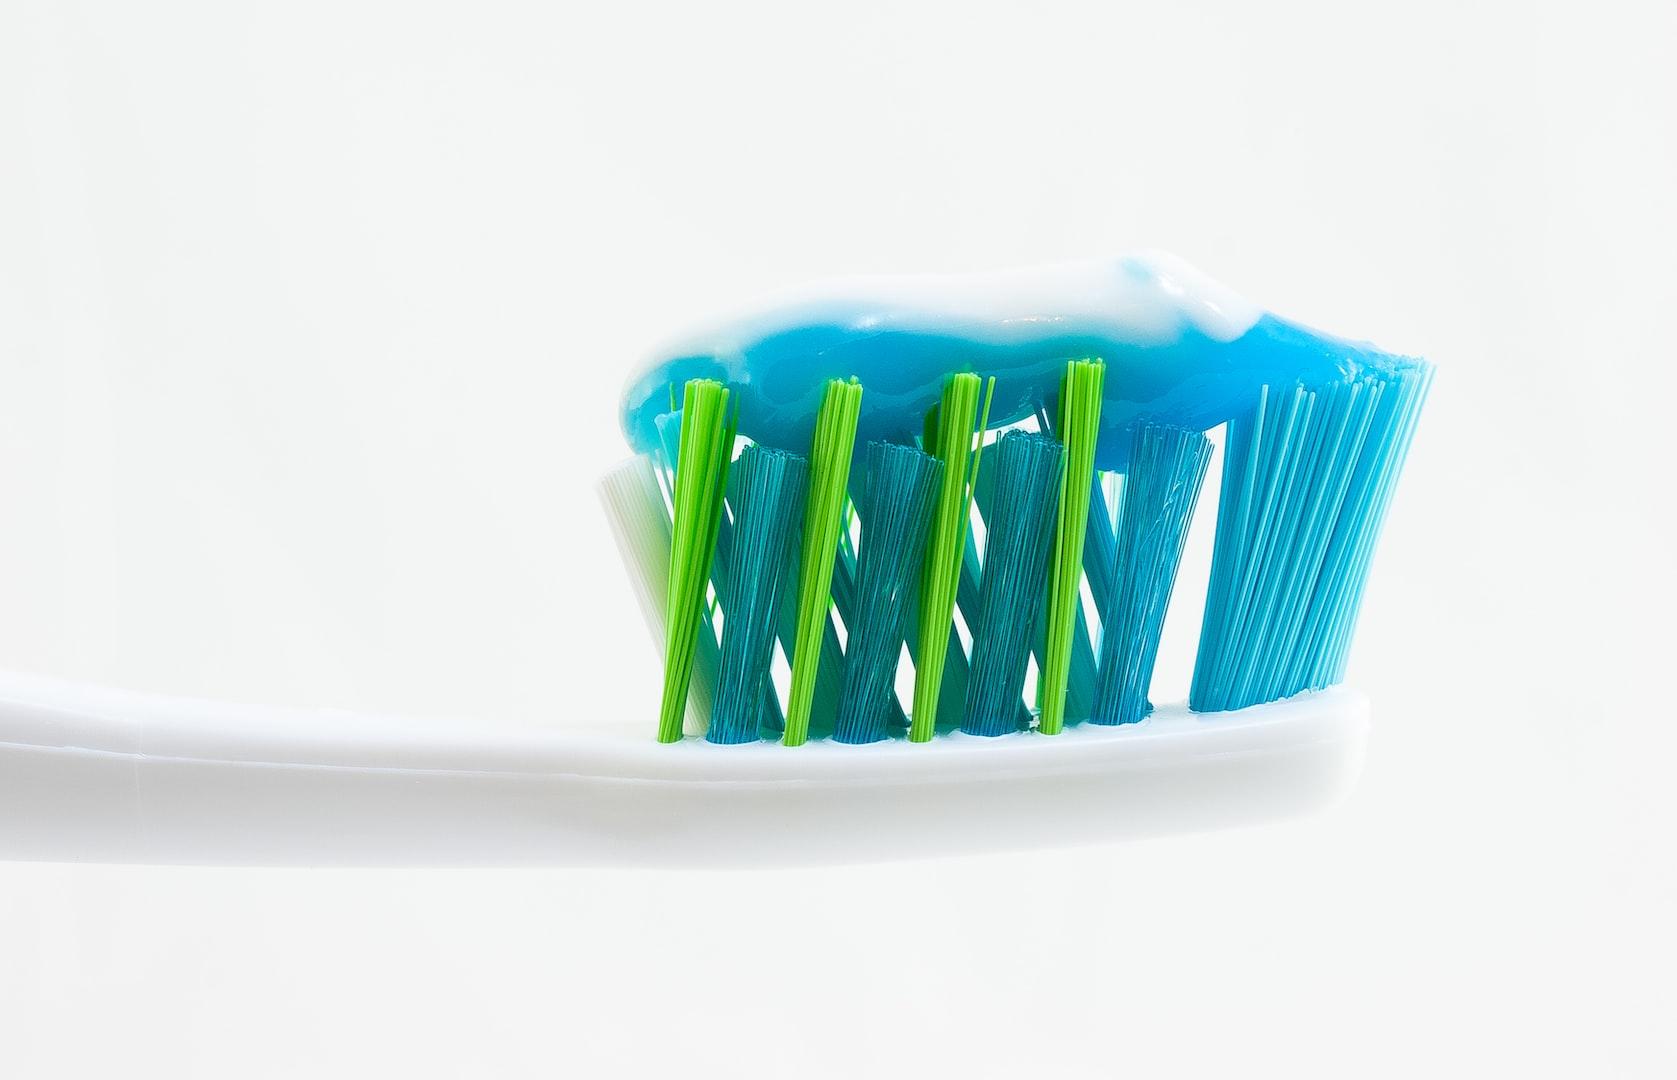 Dental Waiting Room TV | Top 5 Uses TrouDigital